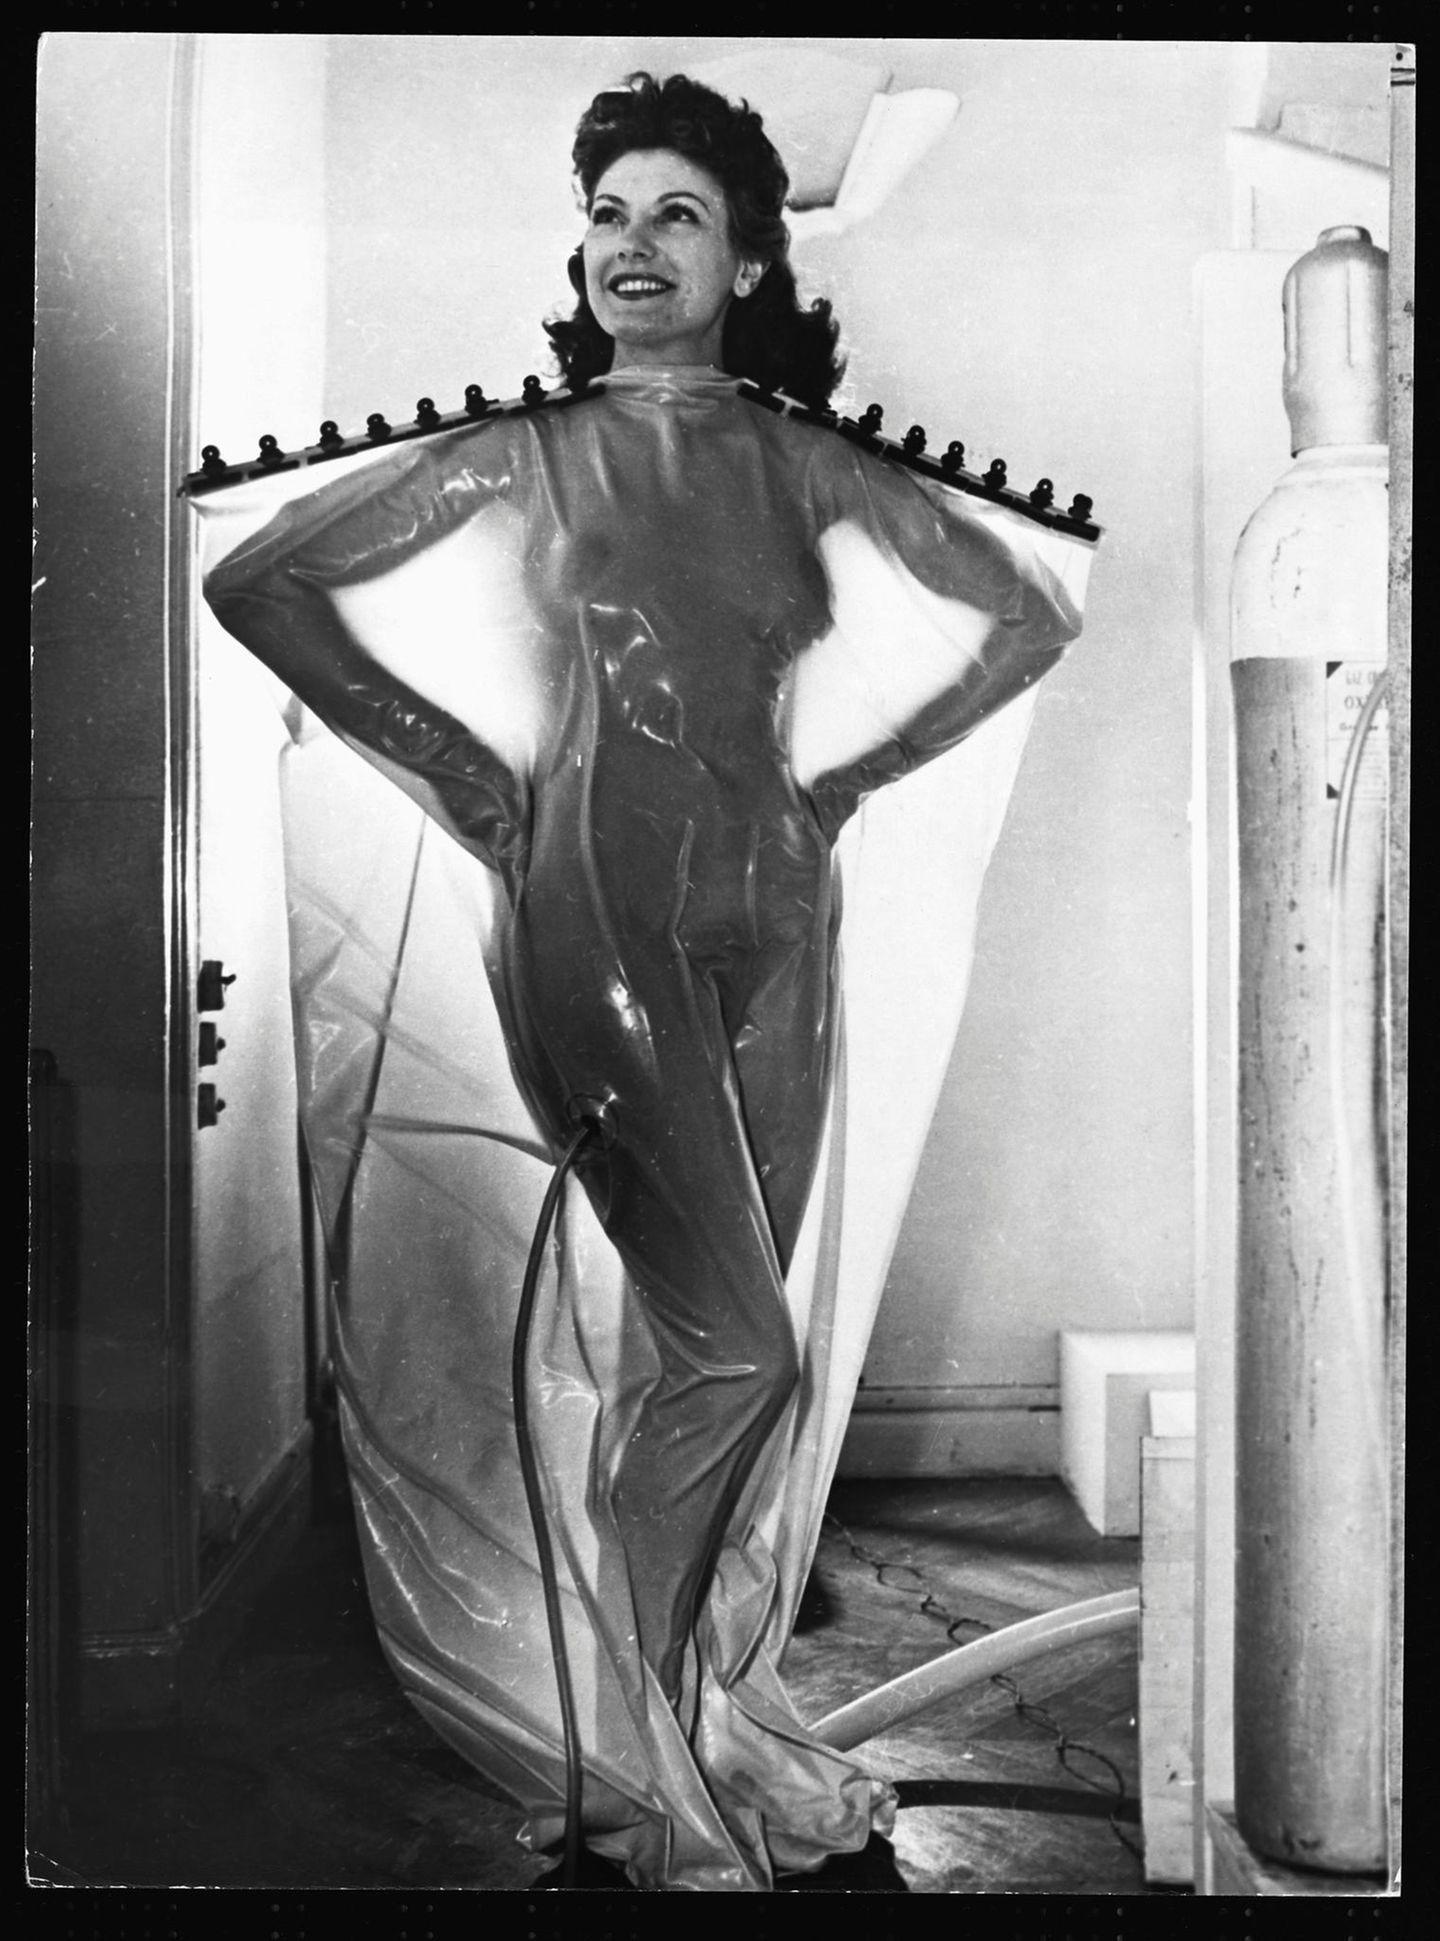 """Diese Frau testet ein sogenanntes """"Ozon-Bad"""" - eine Behandlung, die beim Abnehmen helfen soll und angeblich die Haut entgiftet. Ob's geholfen hat? Fragwürdig.  Die Aufnahme entstand im Jahr 1951."""